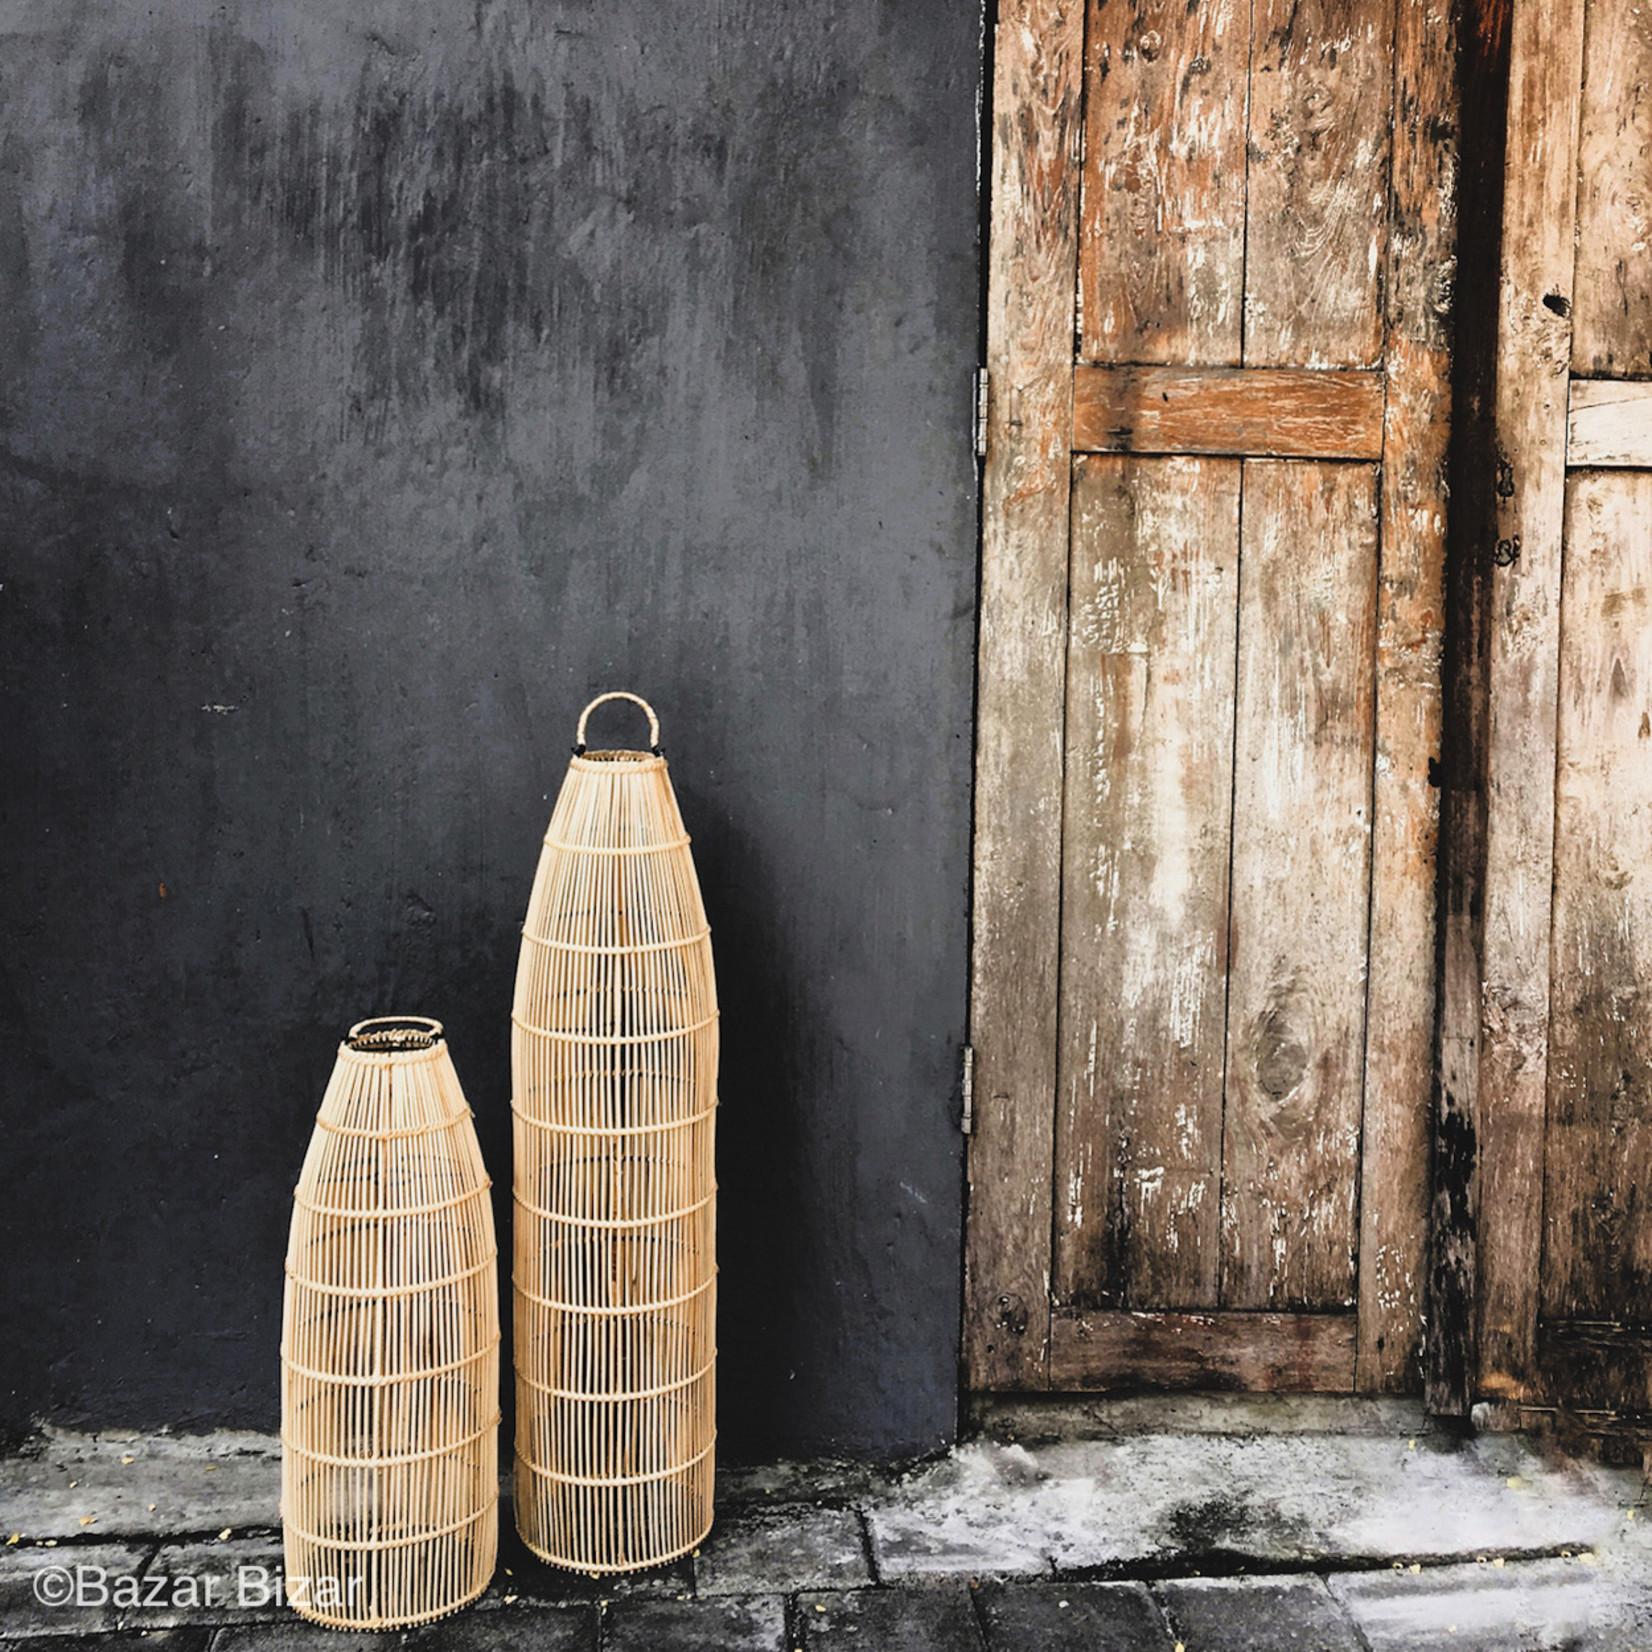 Bazar Bizar De Fish Trap Hanglamp - Natural - M